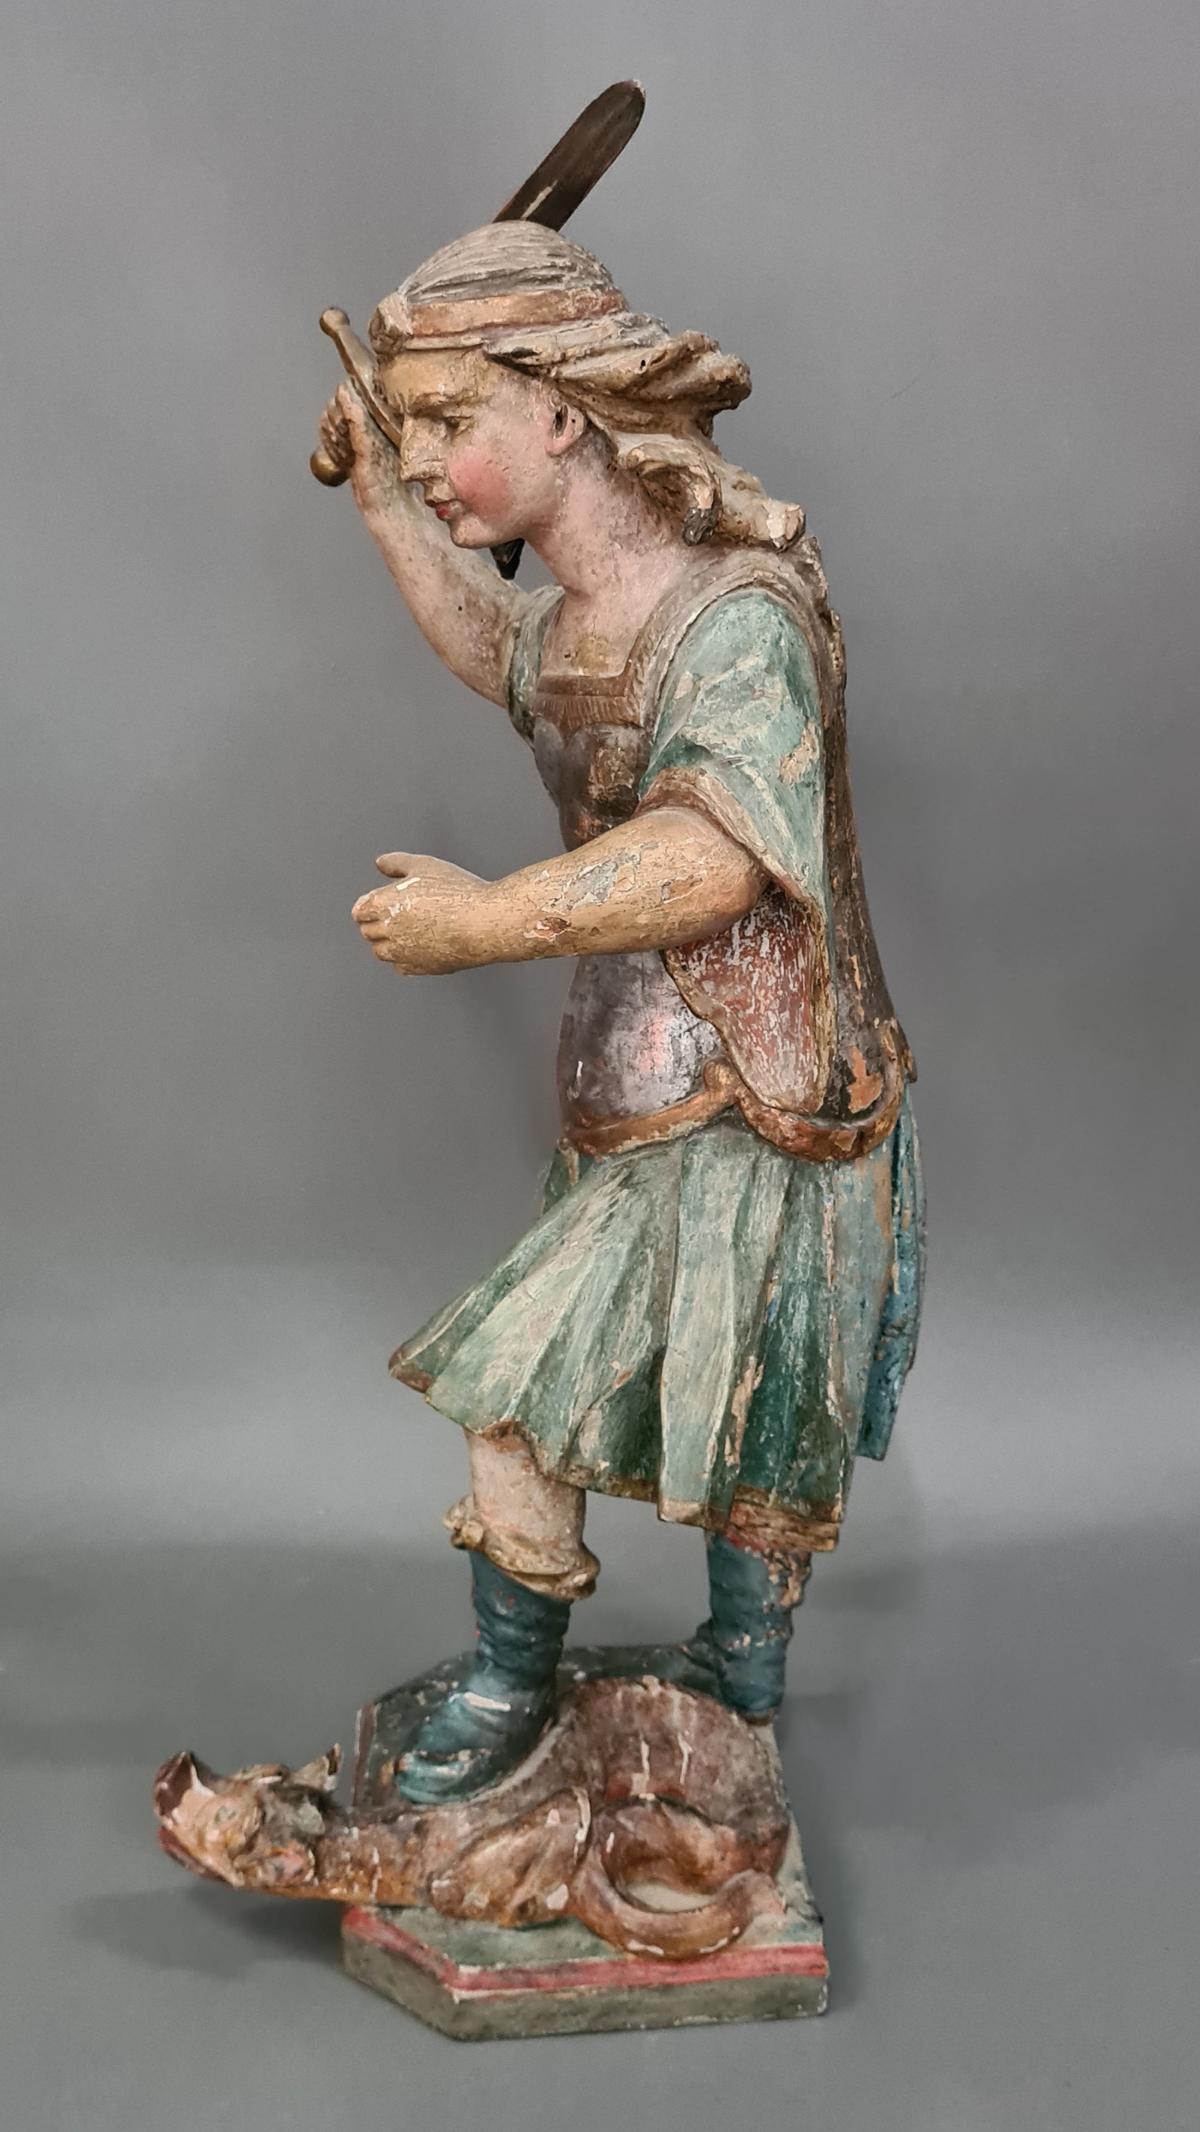 Holzskulptur Erzengel Michael mit Sockel, Süddeutsch um 1800,-8